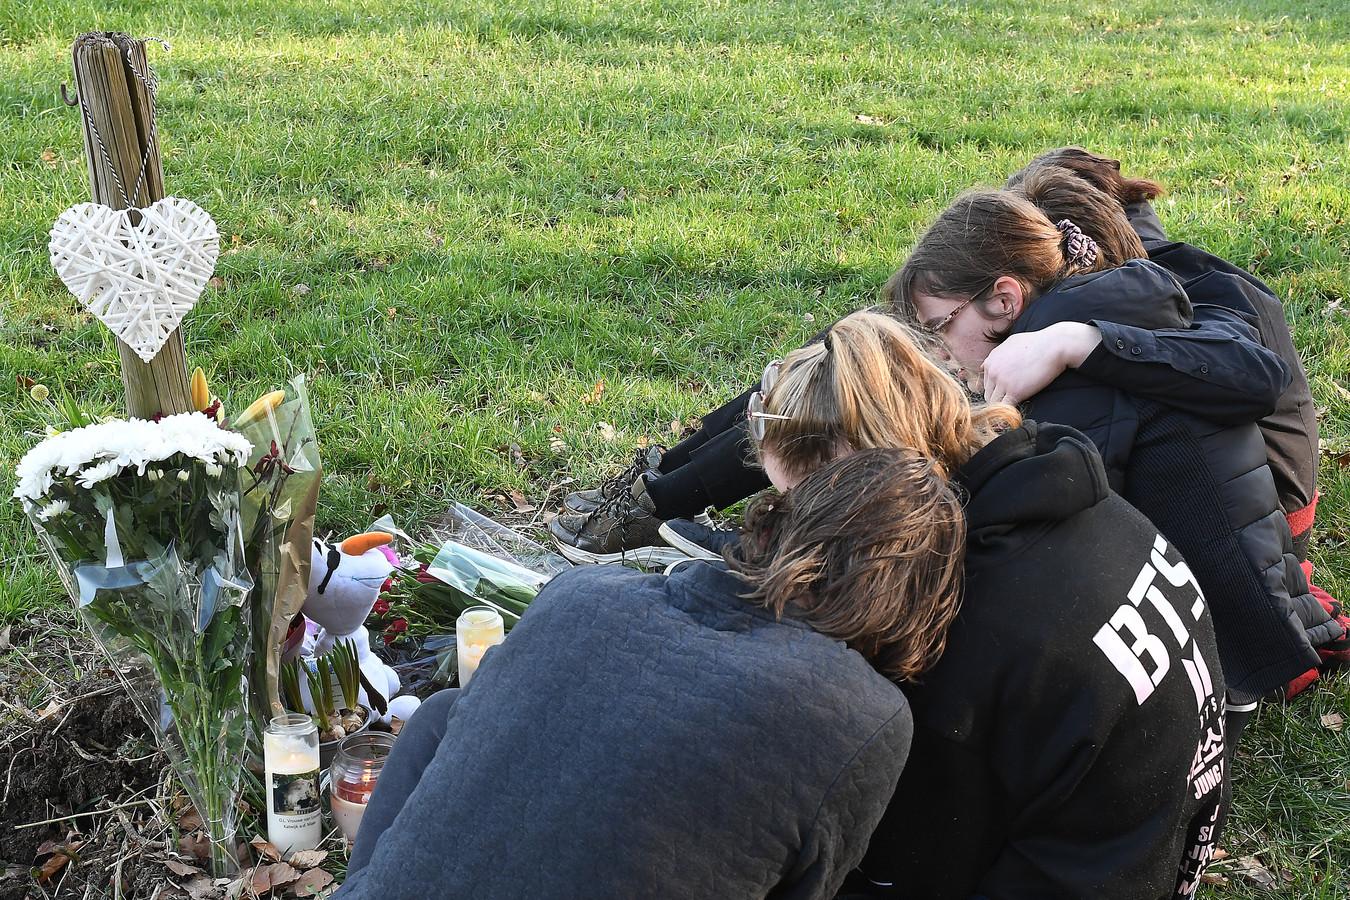 Bloemen, kaarsen en een knuffel. Vrienden van de maandag overleden fietsster nemen afscheid op de plek waar het ongeluk gebeurde.